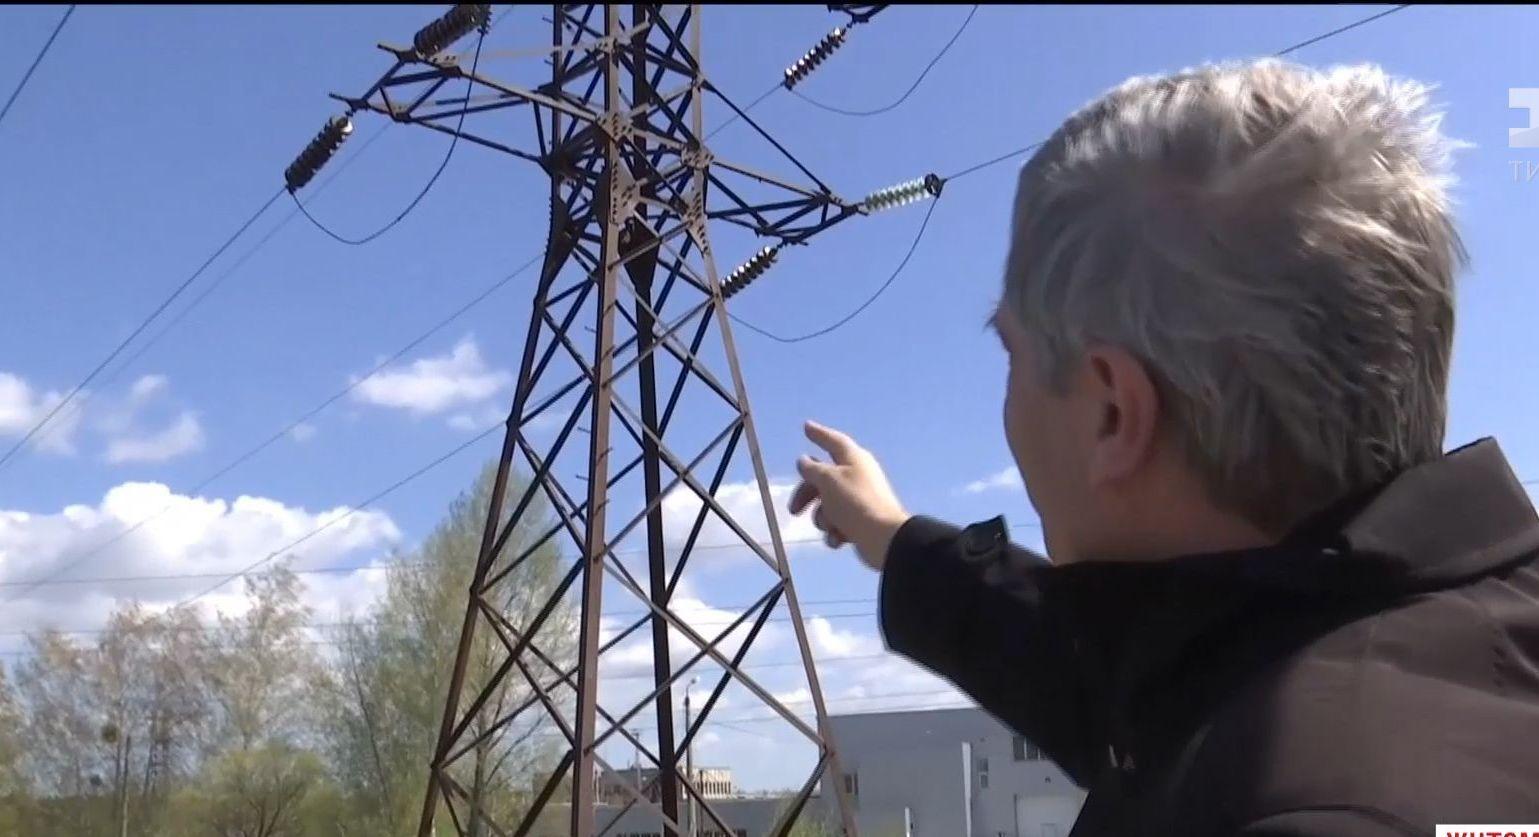 Небезпечне селфі: на Житомирщині підлітка вразило струмом на електроопорі високовольтної лінії